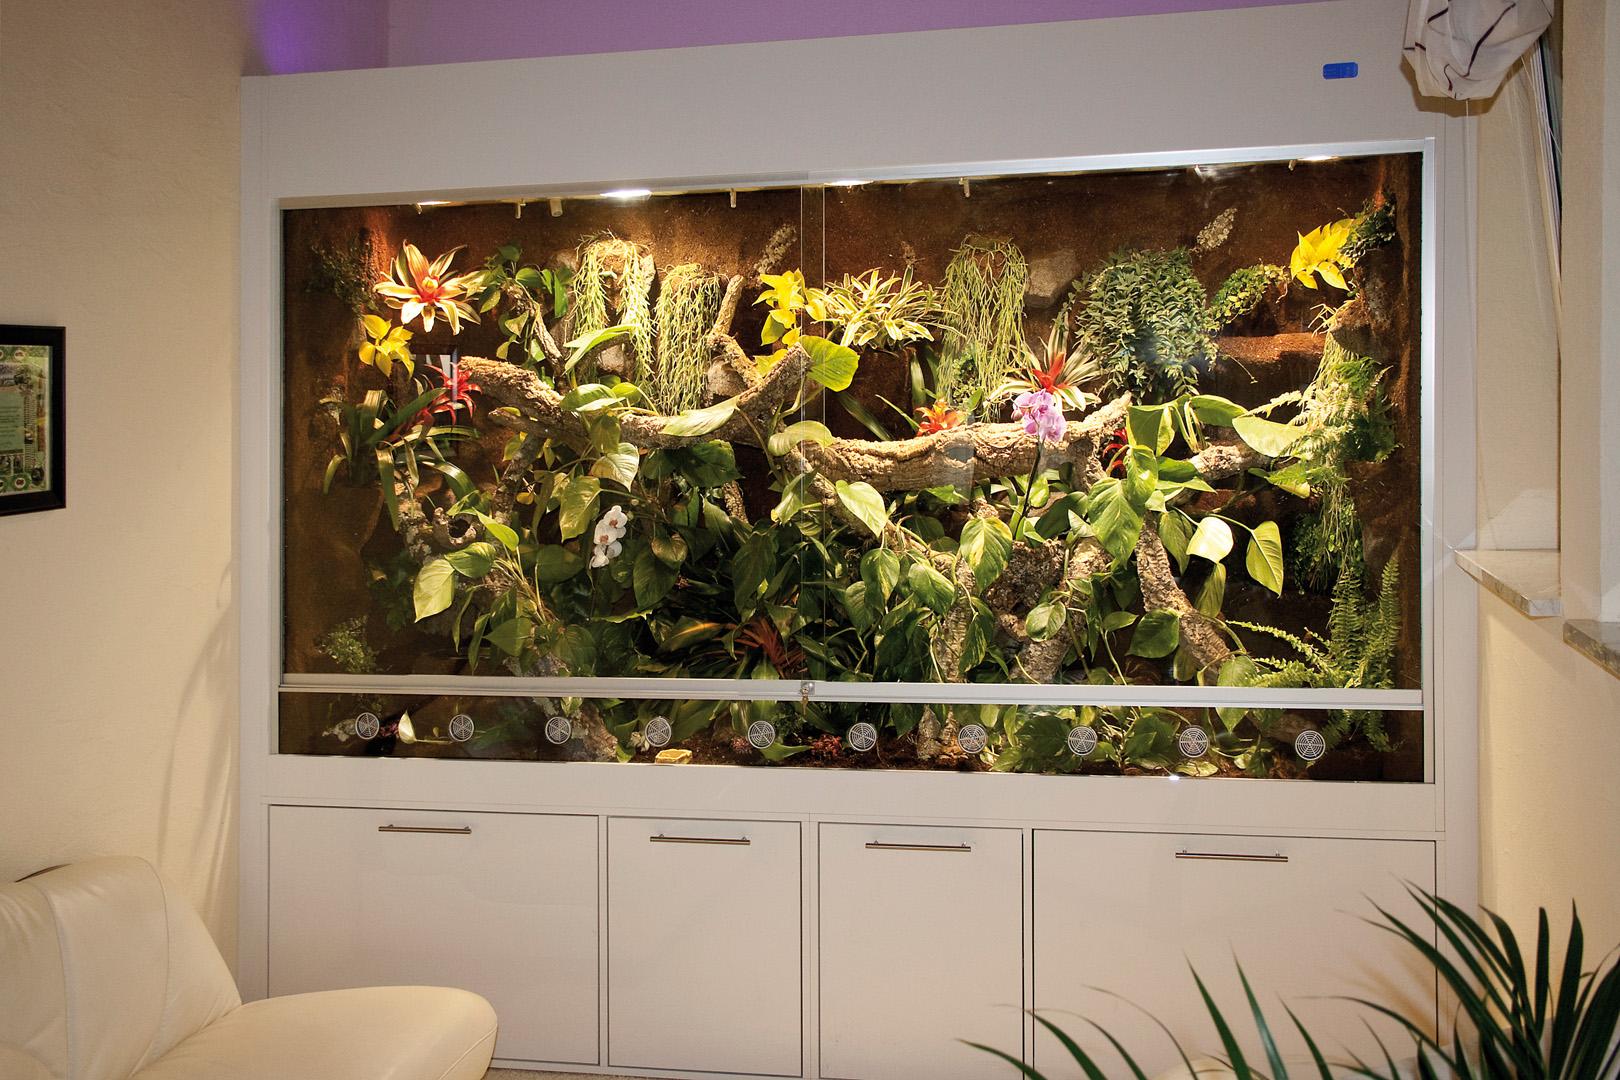 regenwaldterrarium f r smaragdwarane als schrankwand gebaut. Black Bedroom Furniture Sets. Home Design Ideas